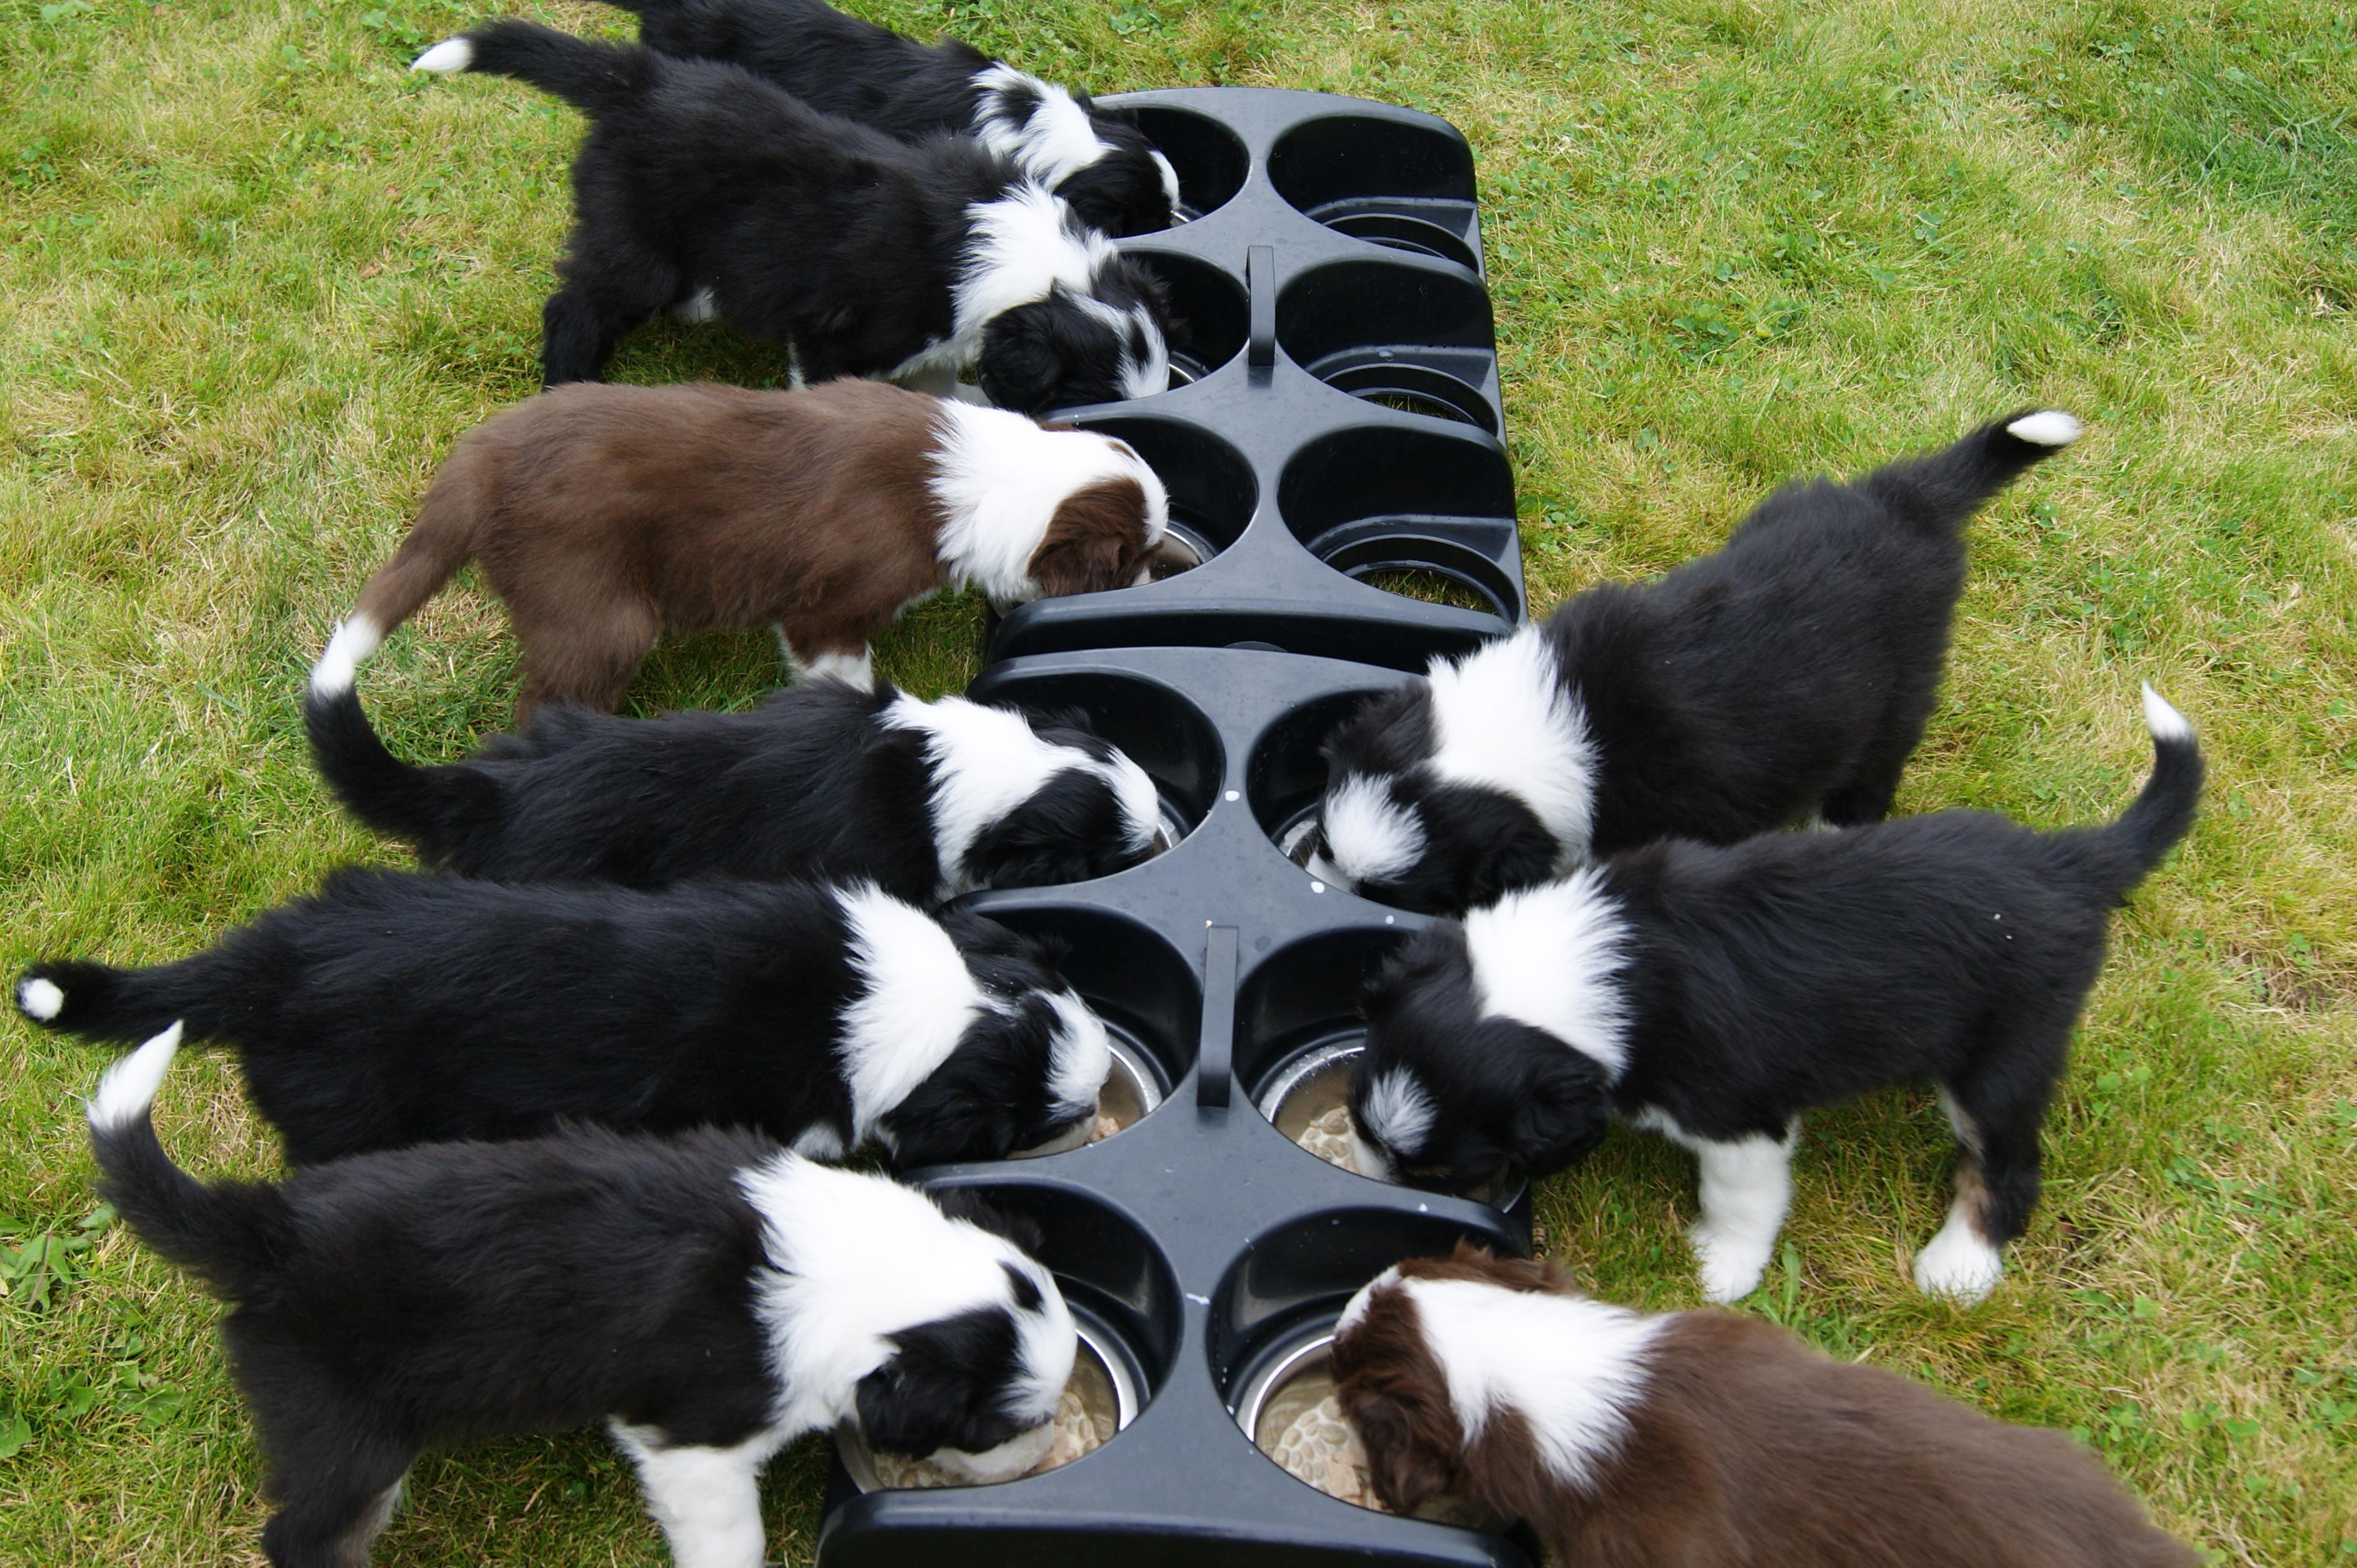 Dog Food Advice: Feeding Your Puppy or Dog